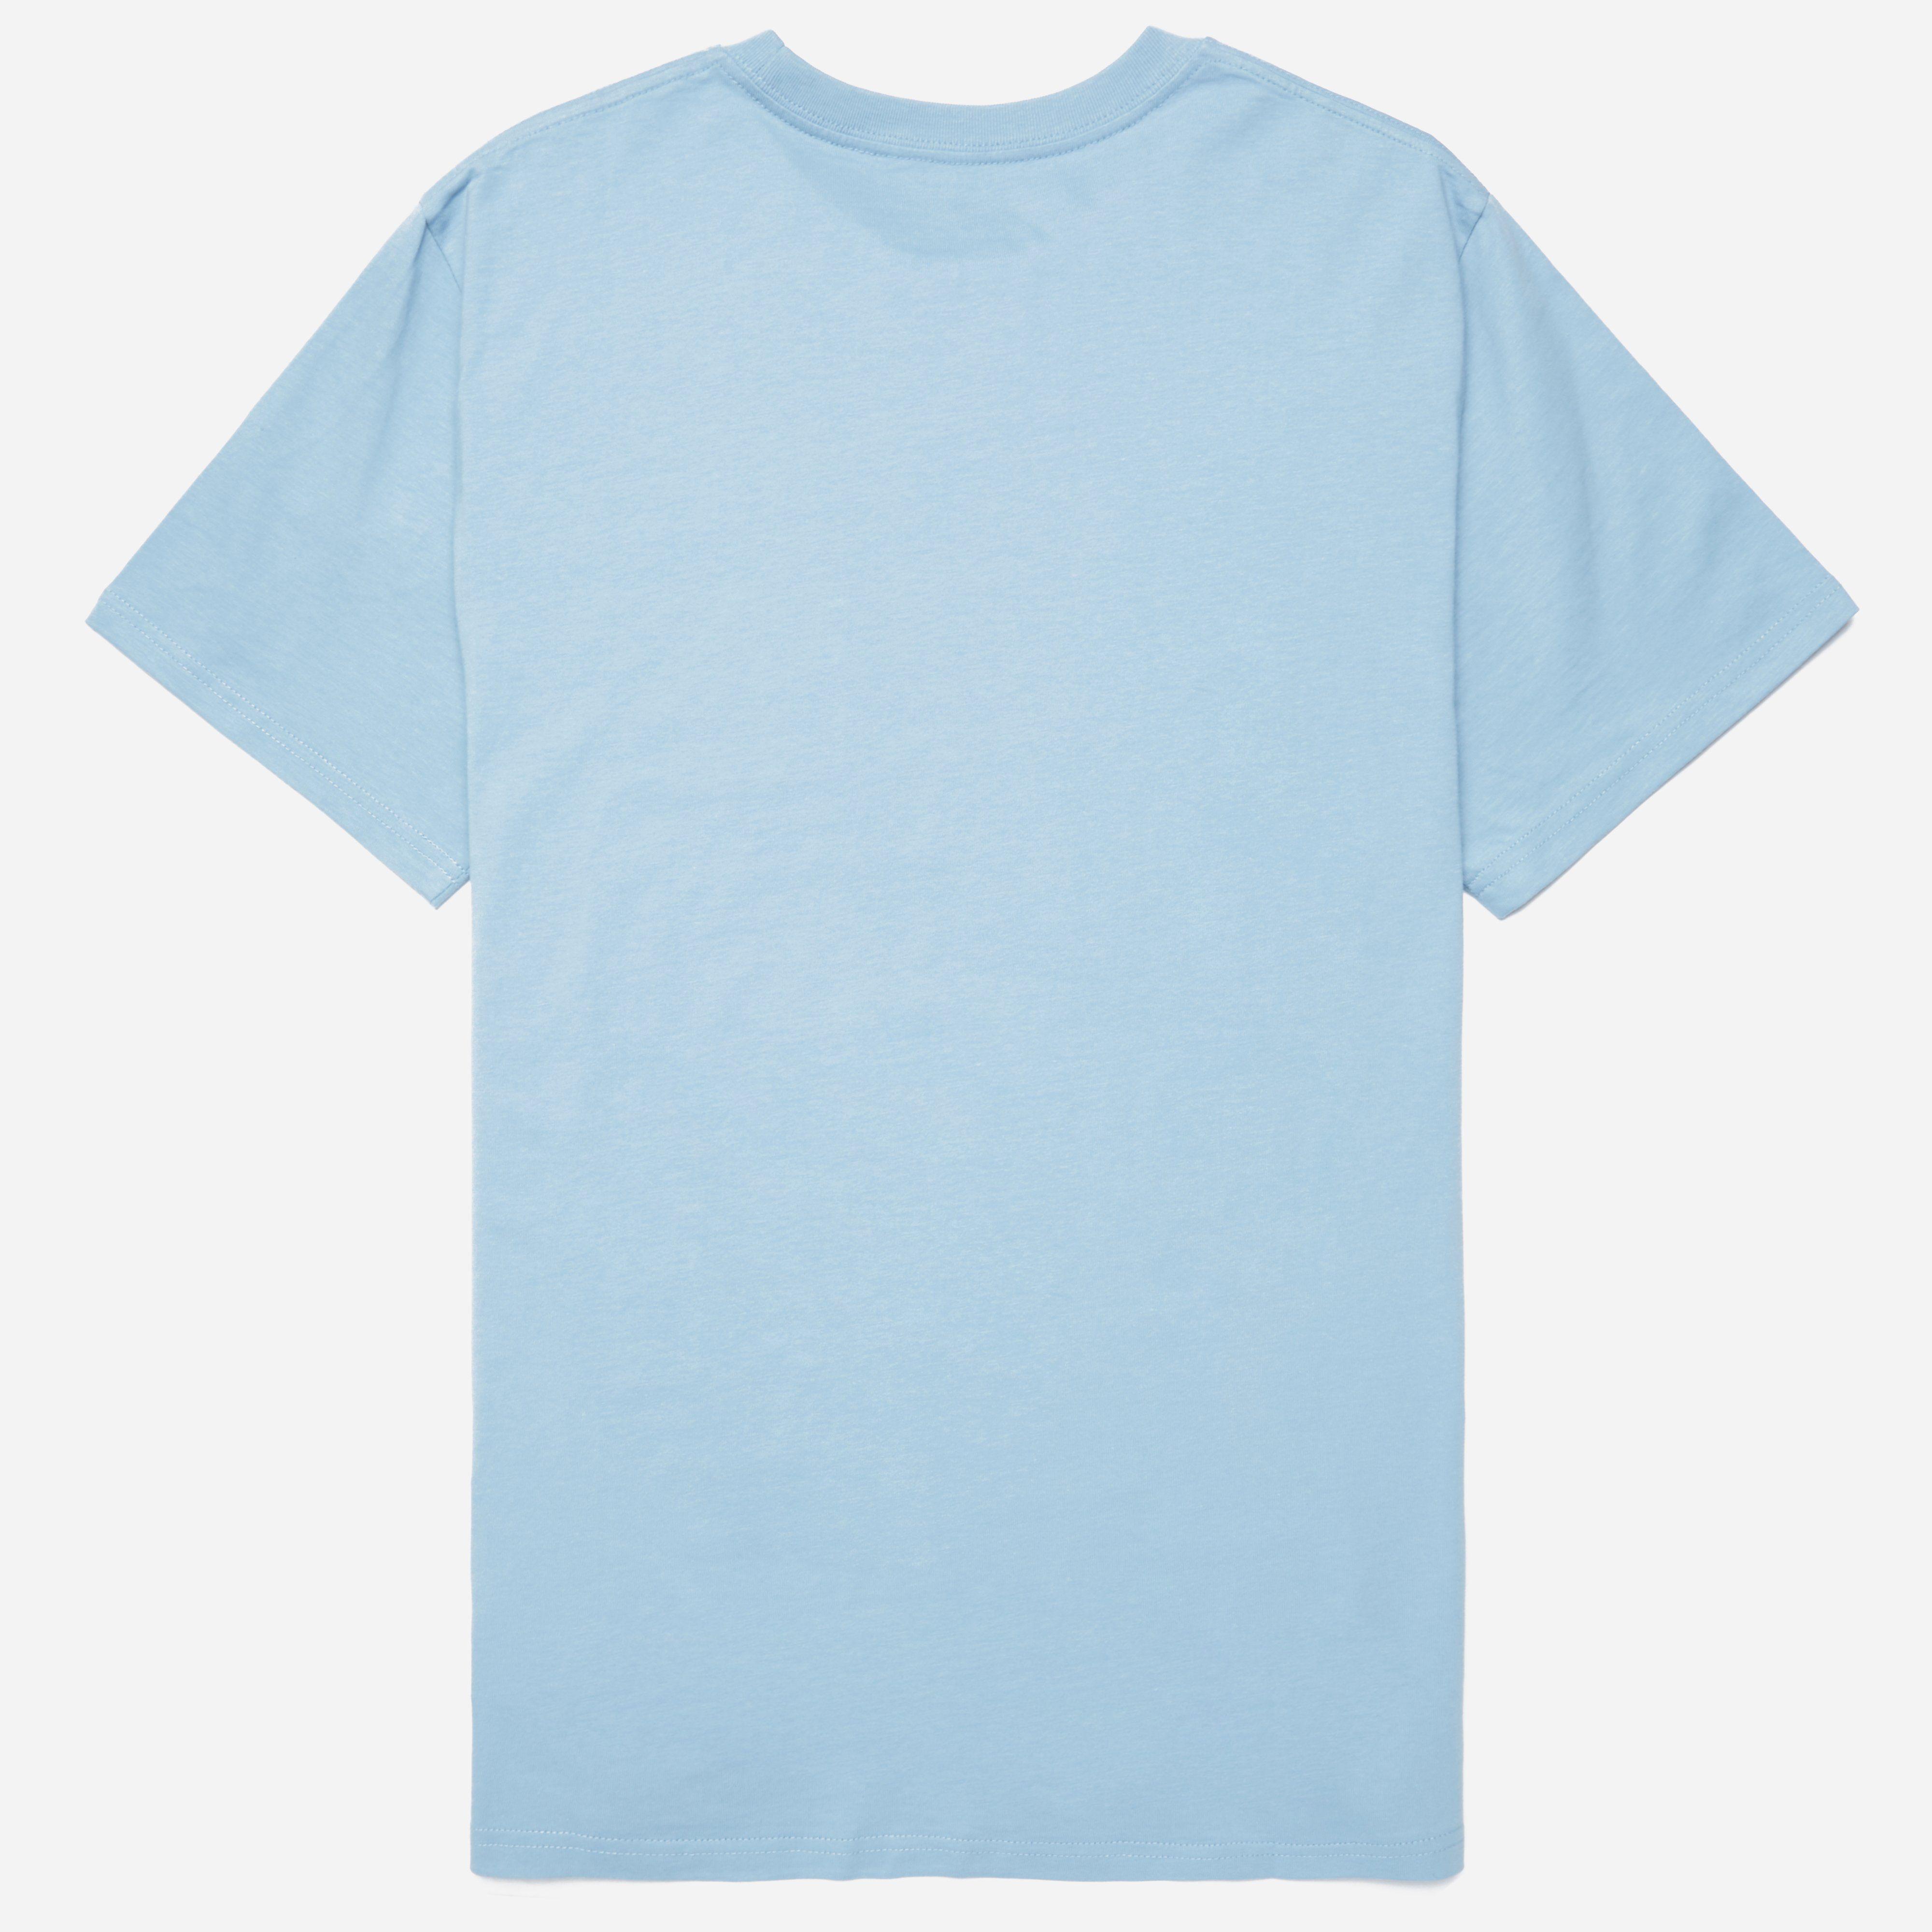 Carhartt Short Sleeve Pocket T-shirt